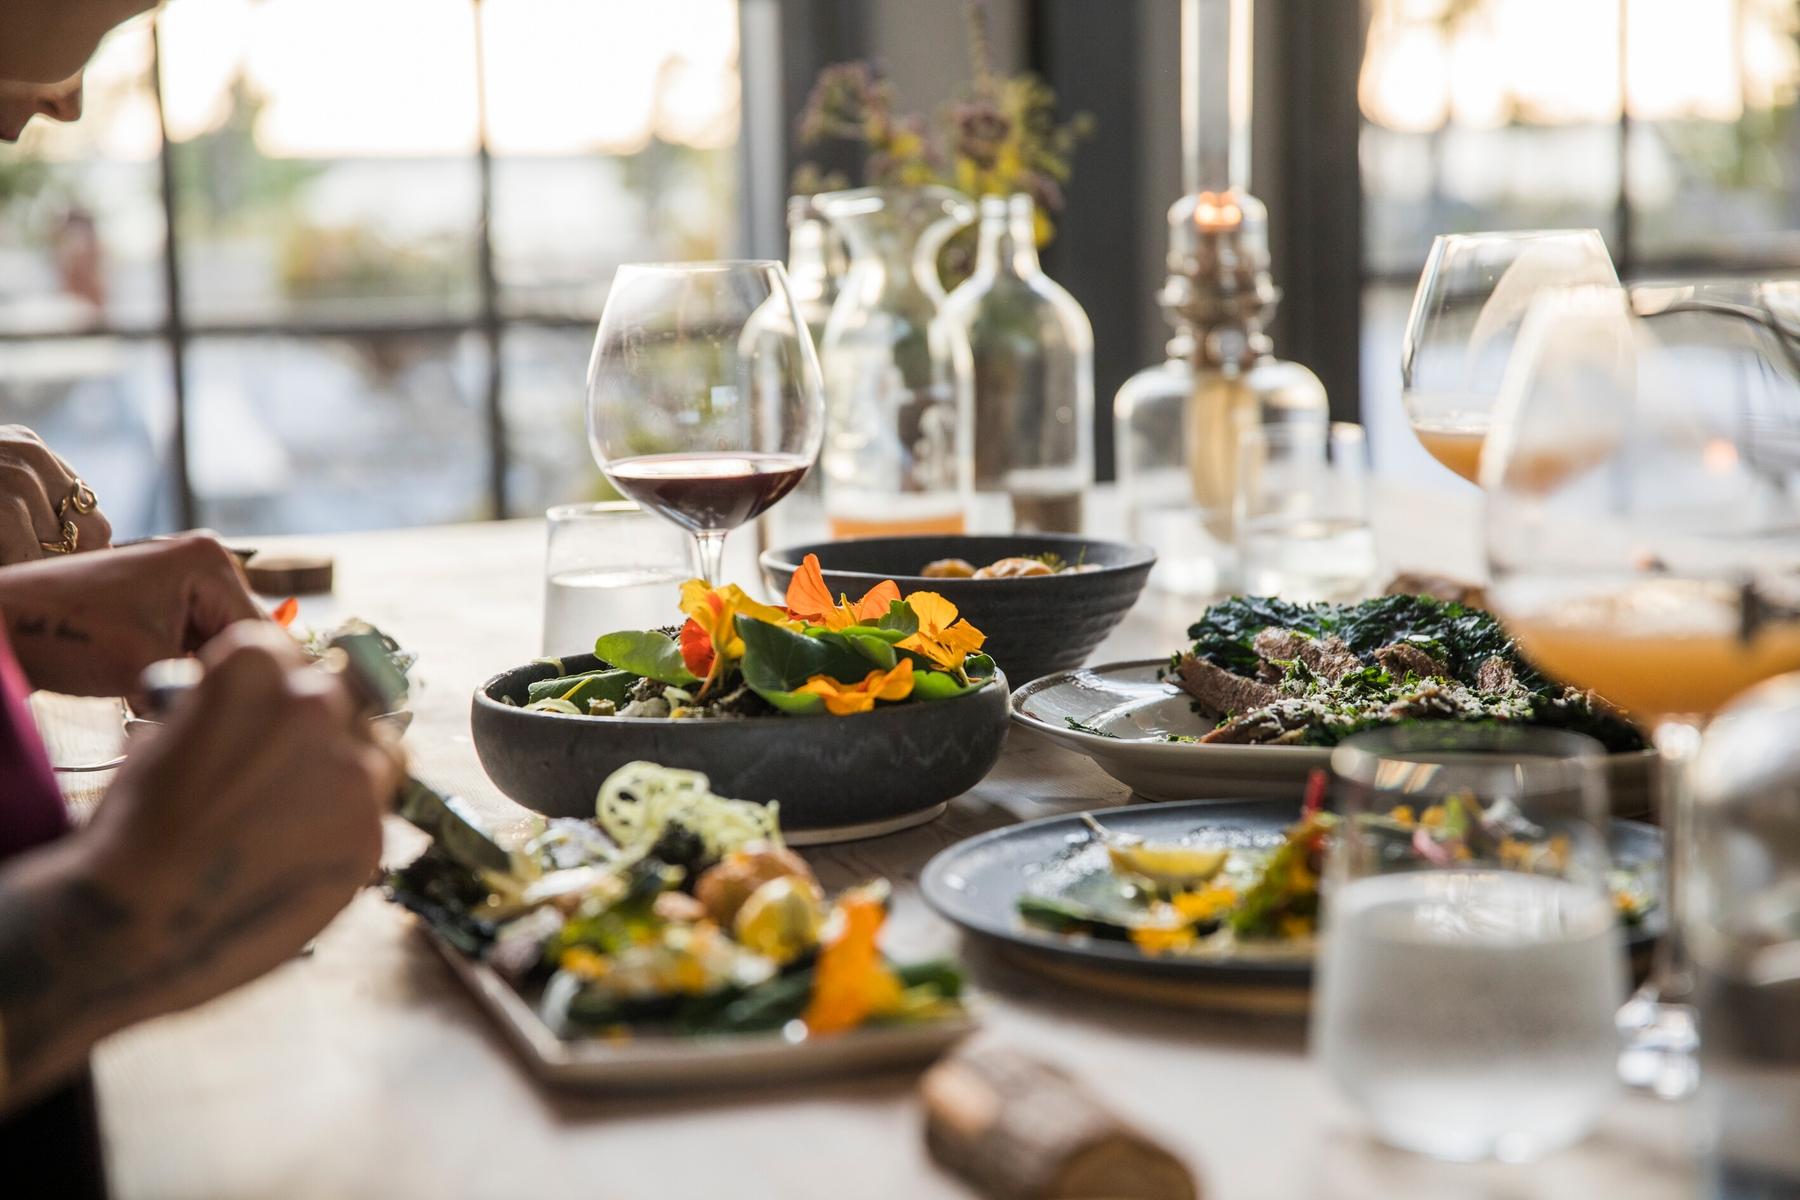 Furillen restaurant in Gotland